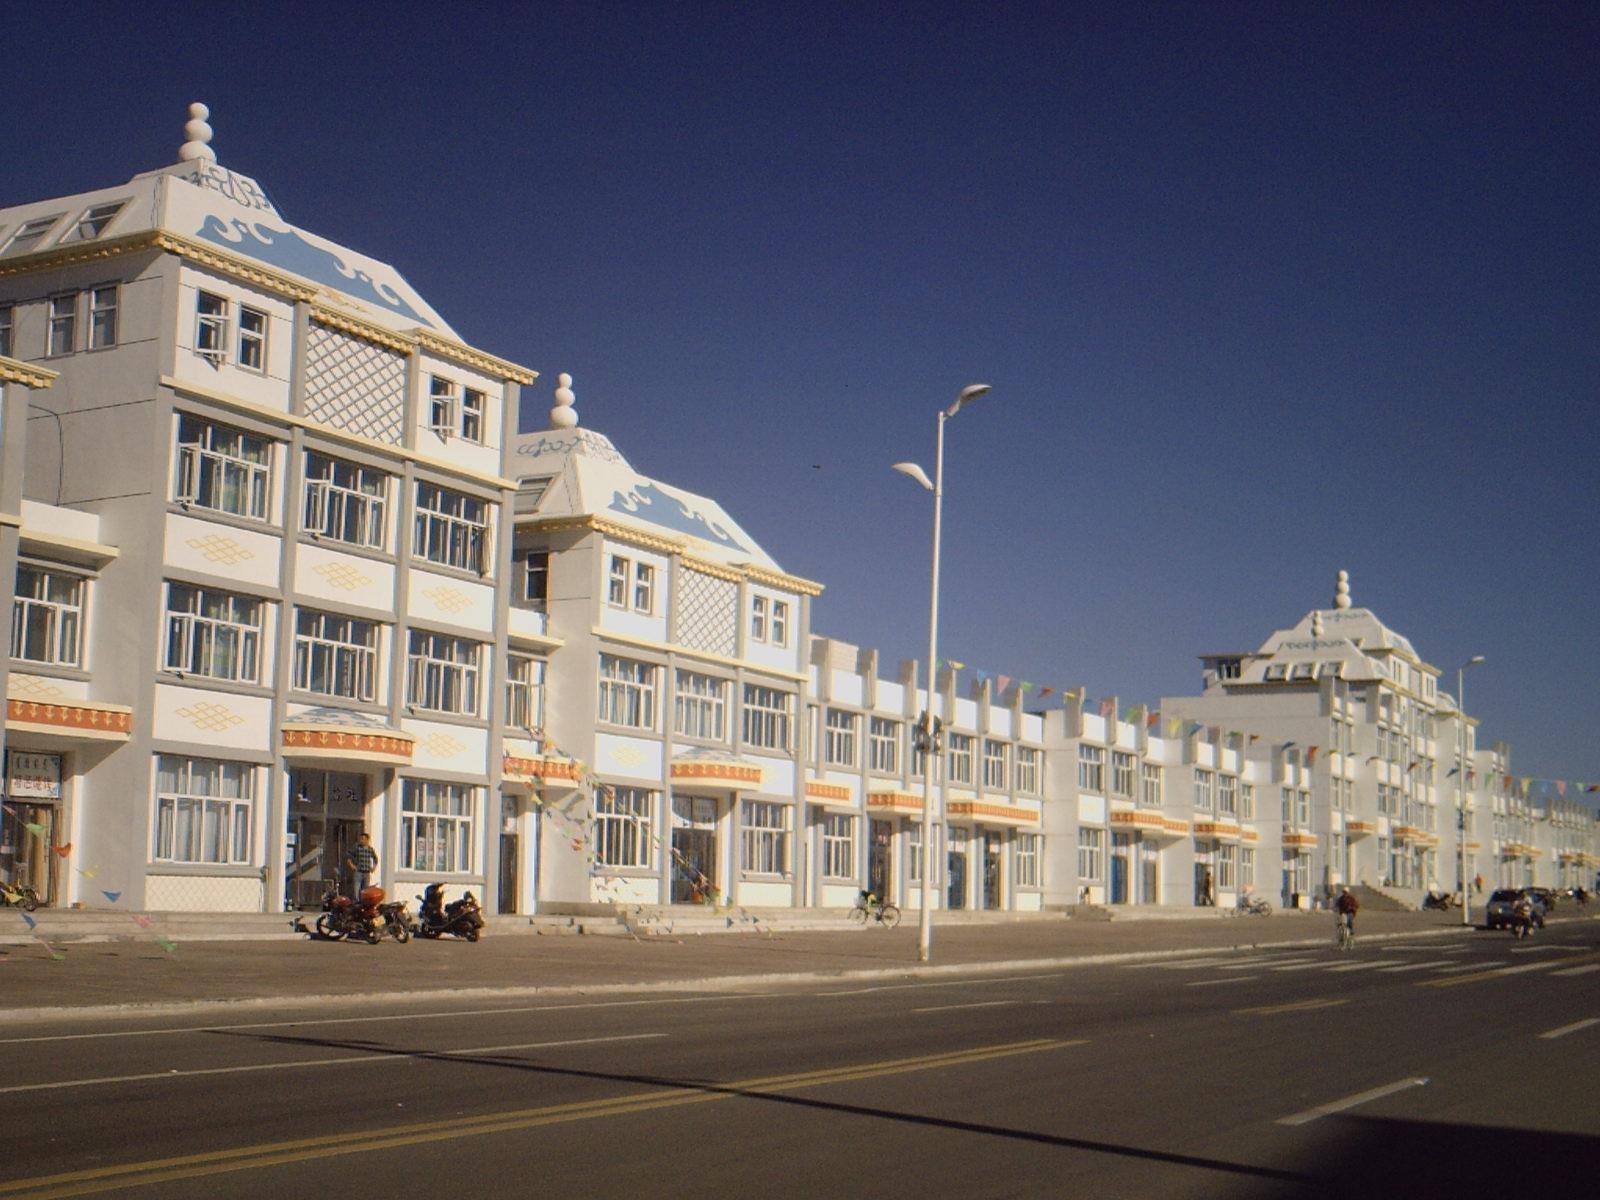 蒙古花边-元蒙建筑风格